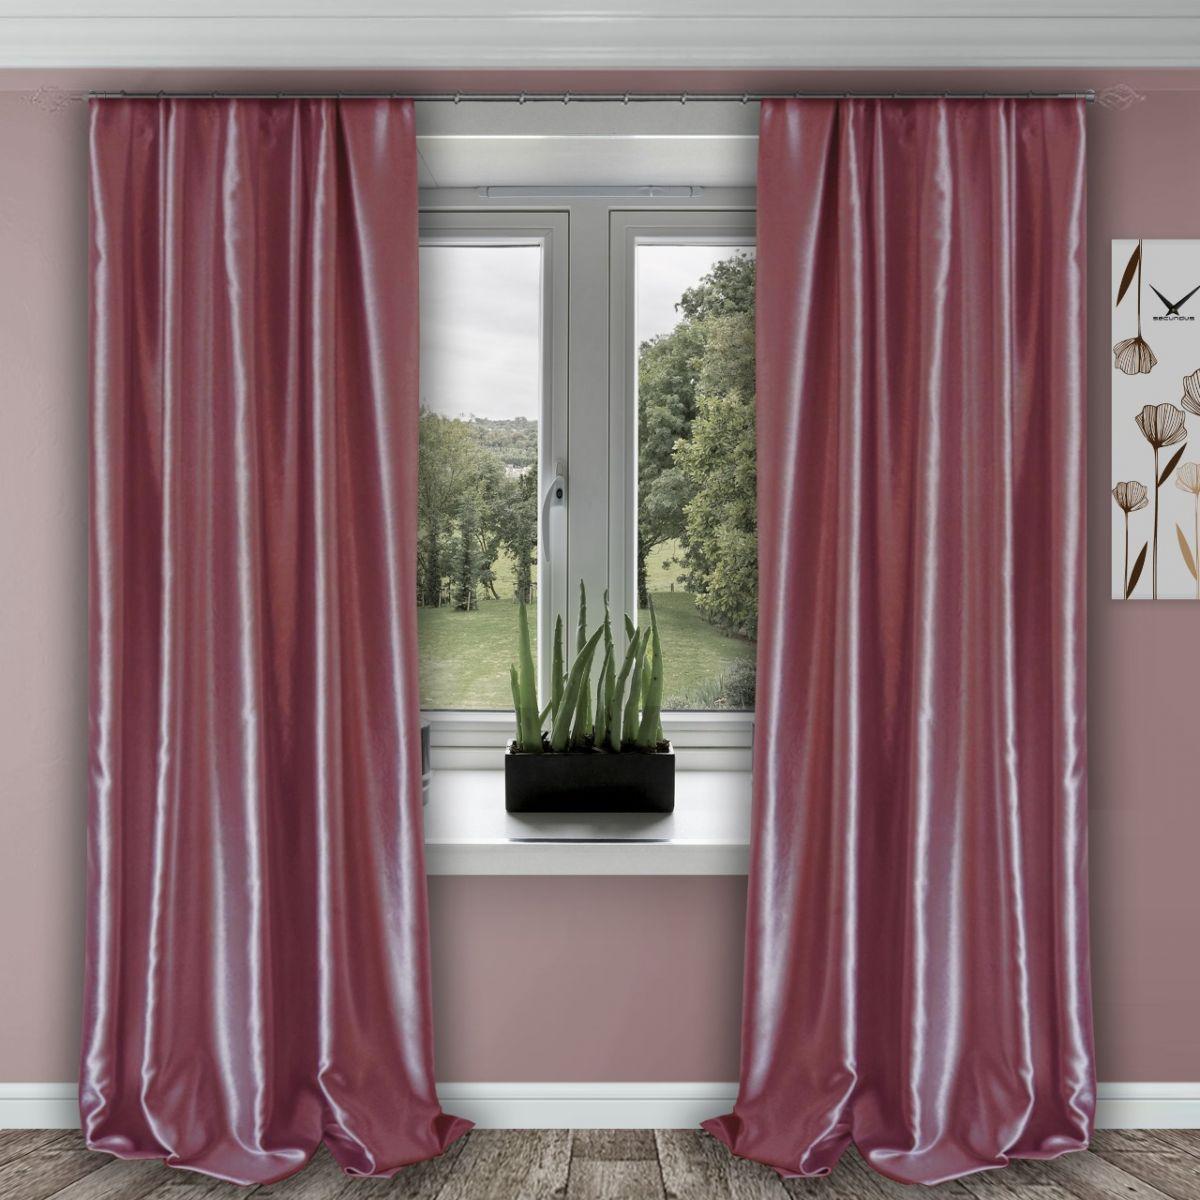 Комплект штор № 011, (270*150)х2, розовый (возможно дополнительное комплектование занавеской из вуали артикул № 3-02 розовый)